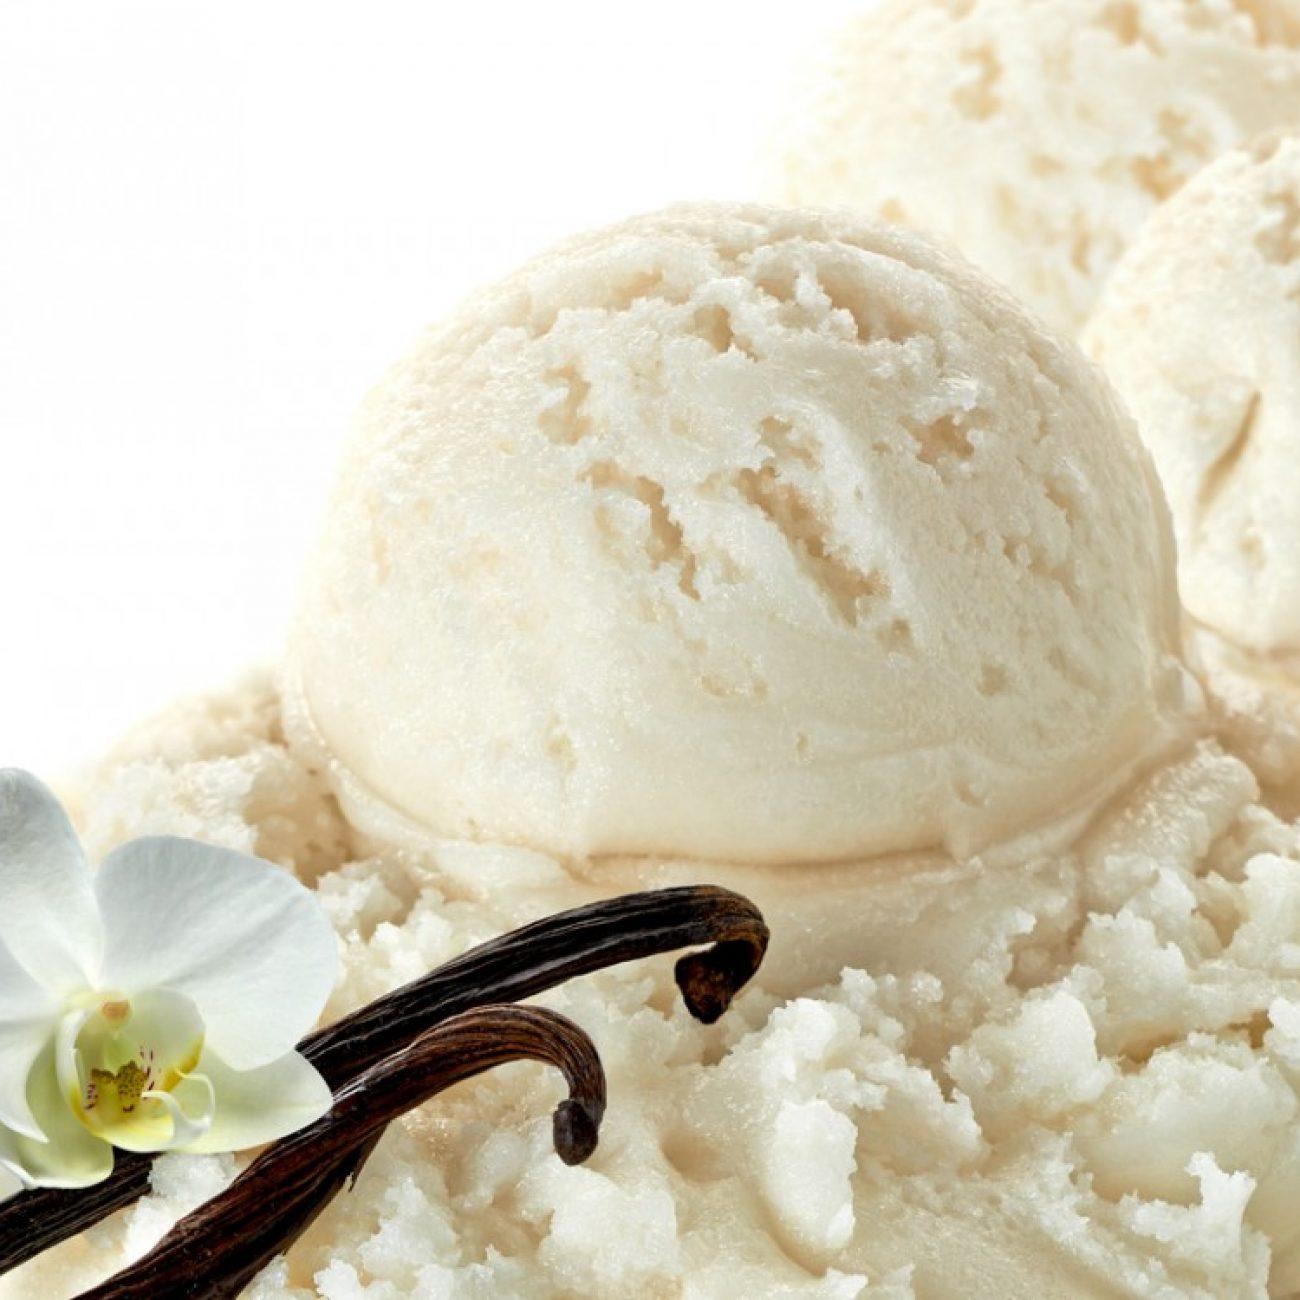 Házi vaníliafagylalt